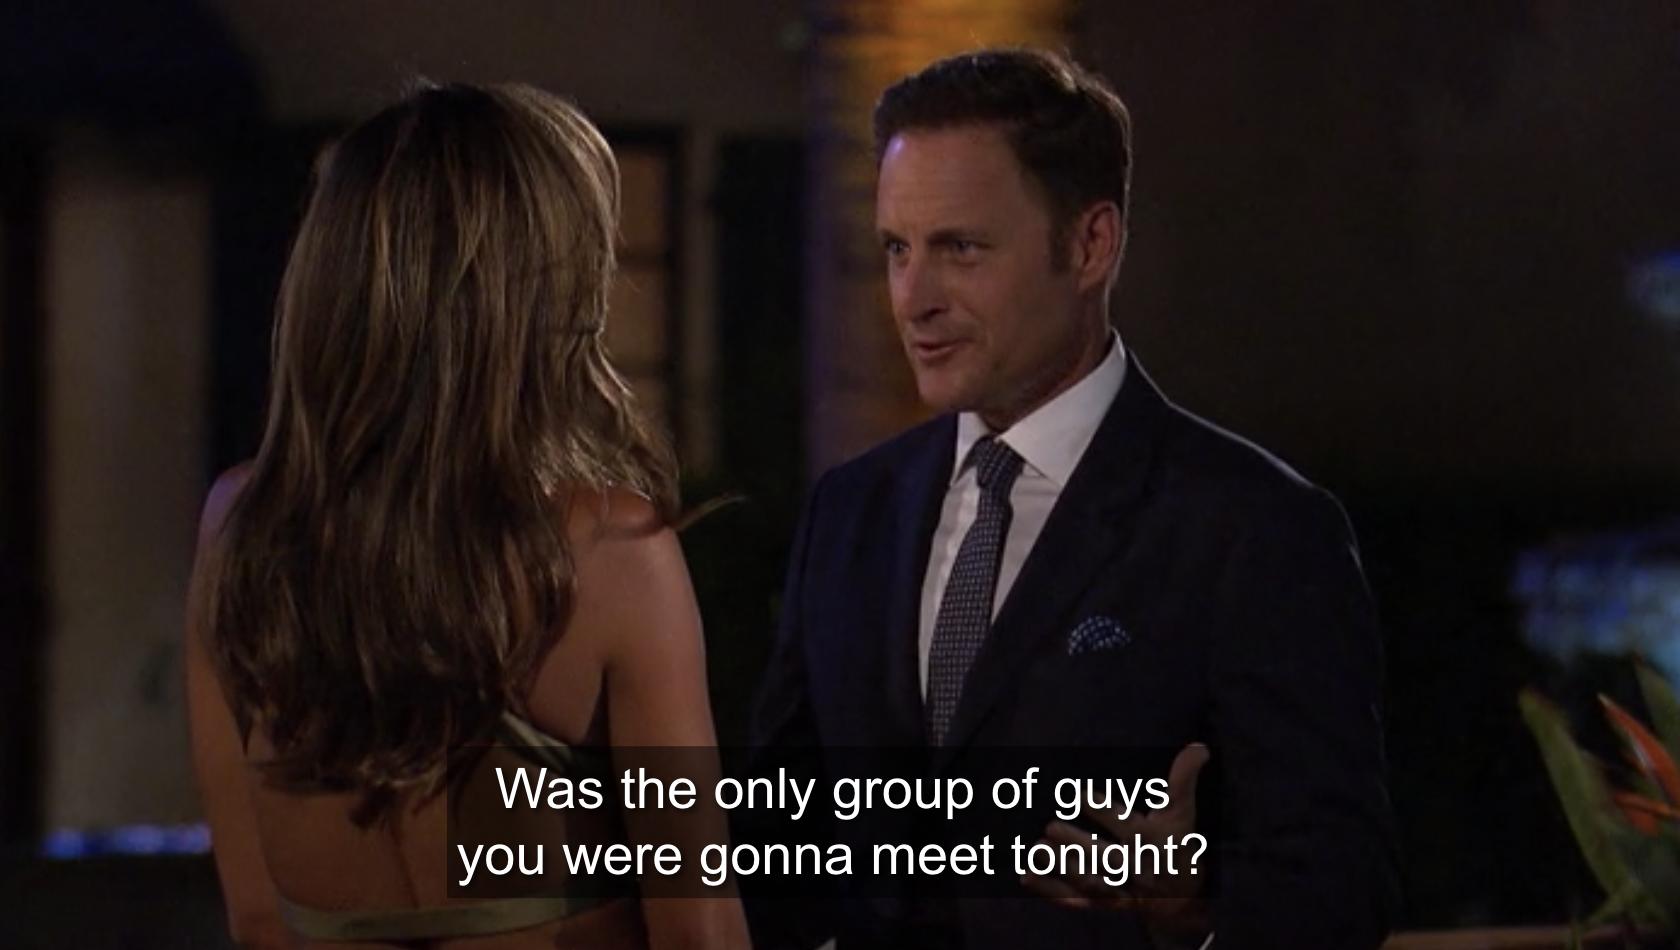 Chris Harrison telling Tayshia she's getting more men